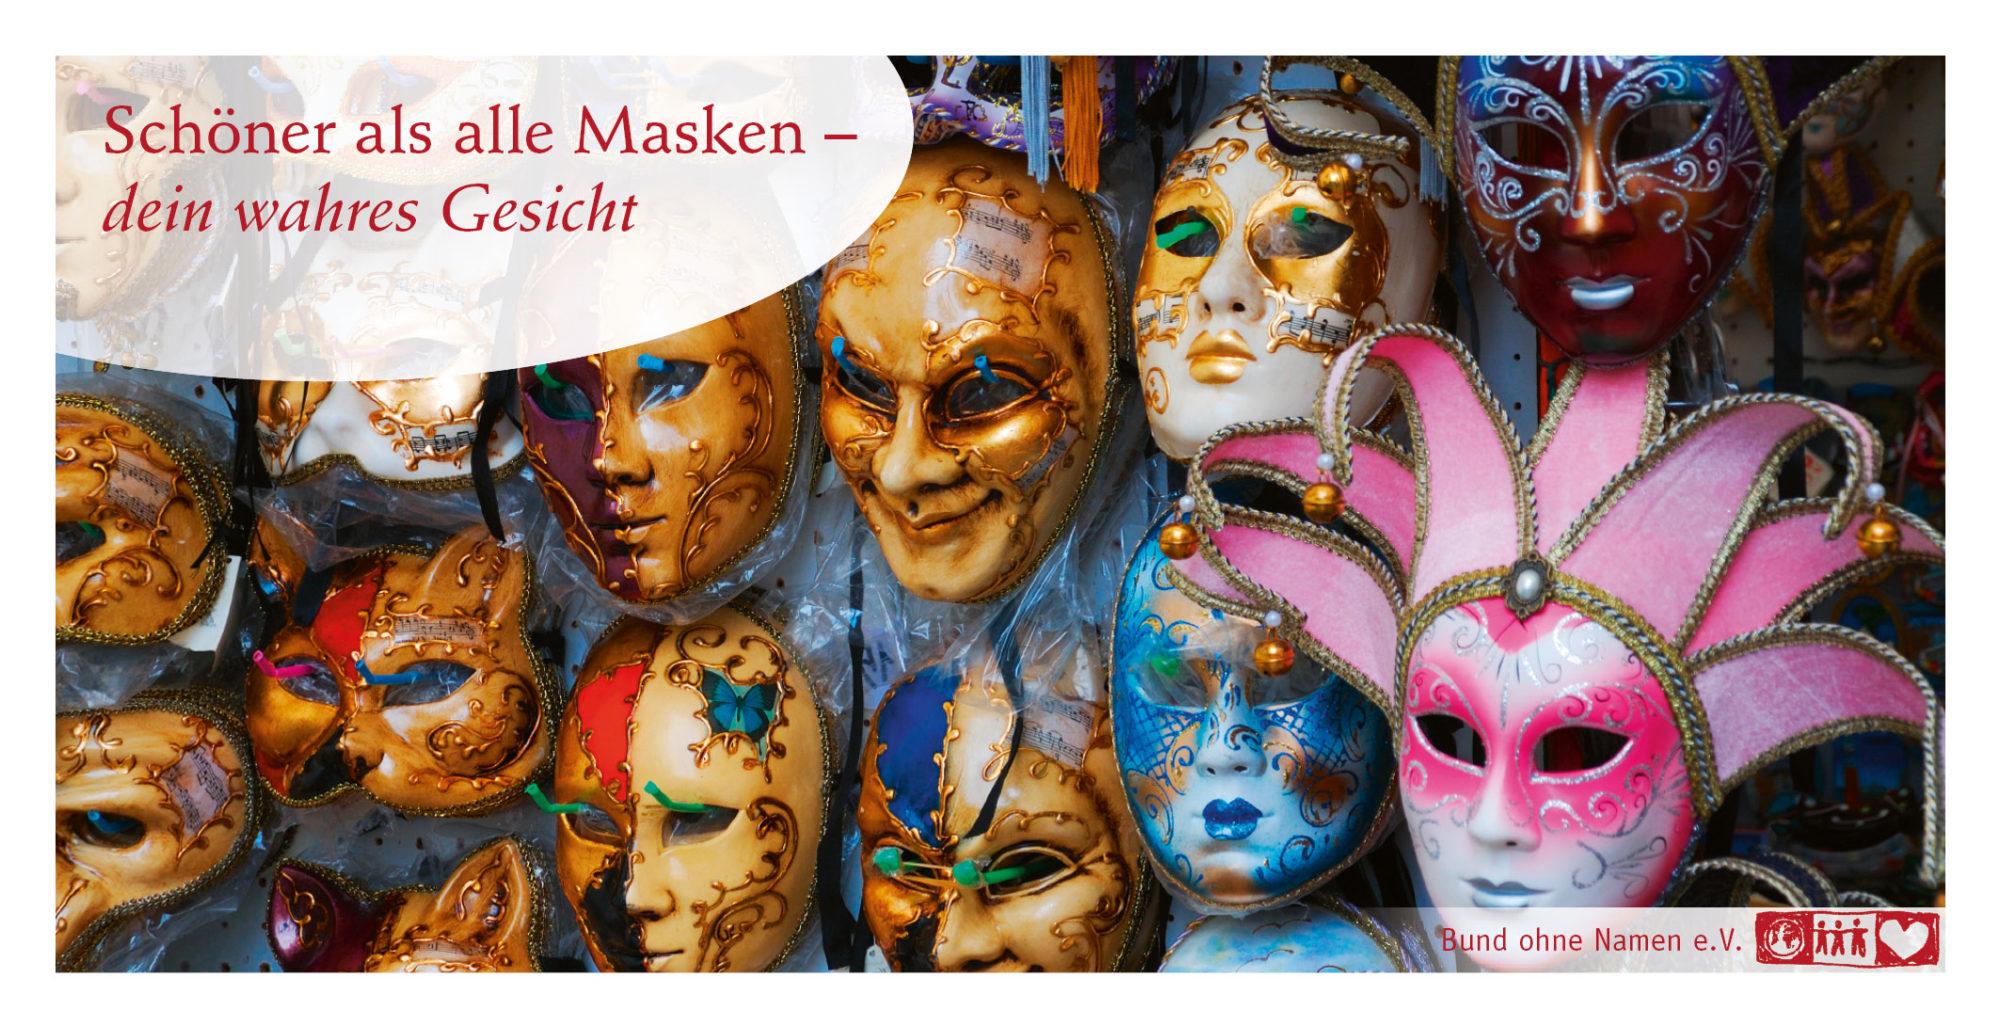 Schöner als alle Masken – dein wahres Gesicht